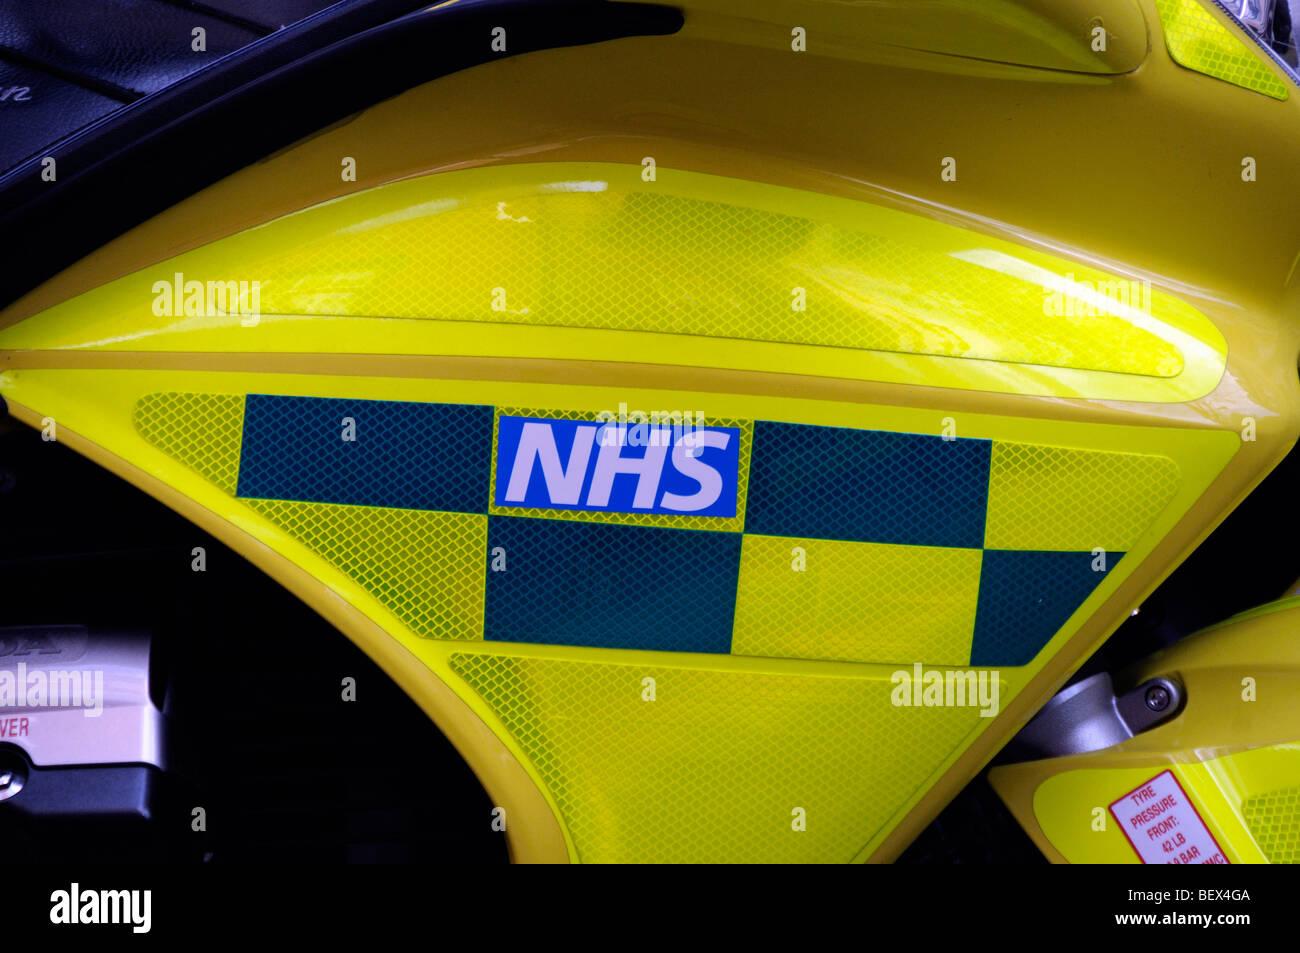 NHS sign on side of motor bike - Stock Image